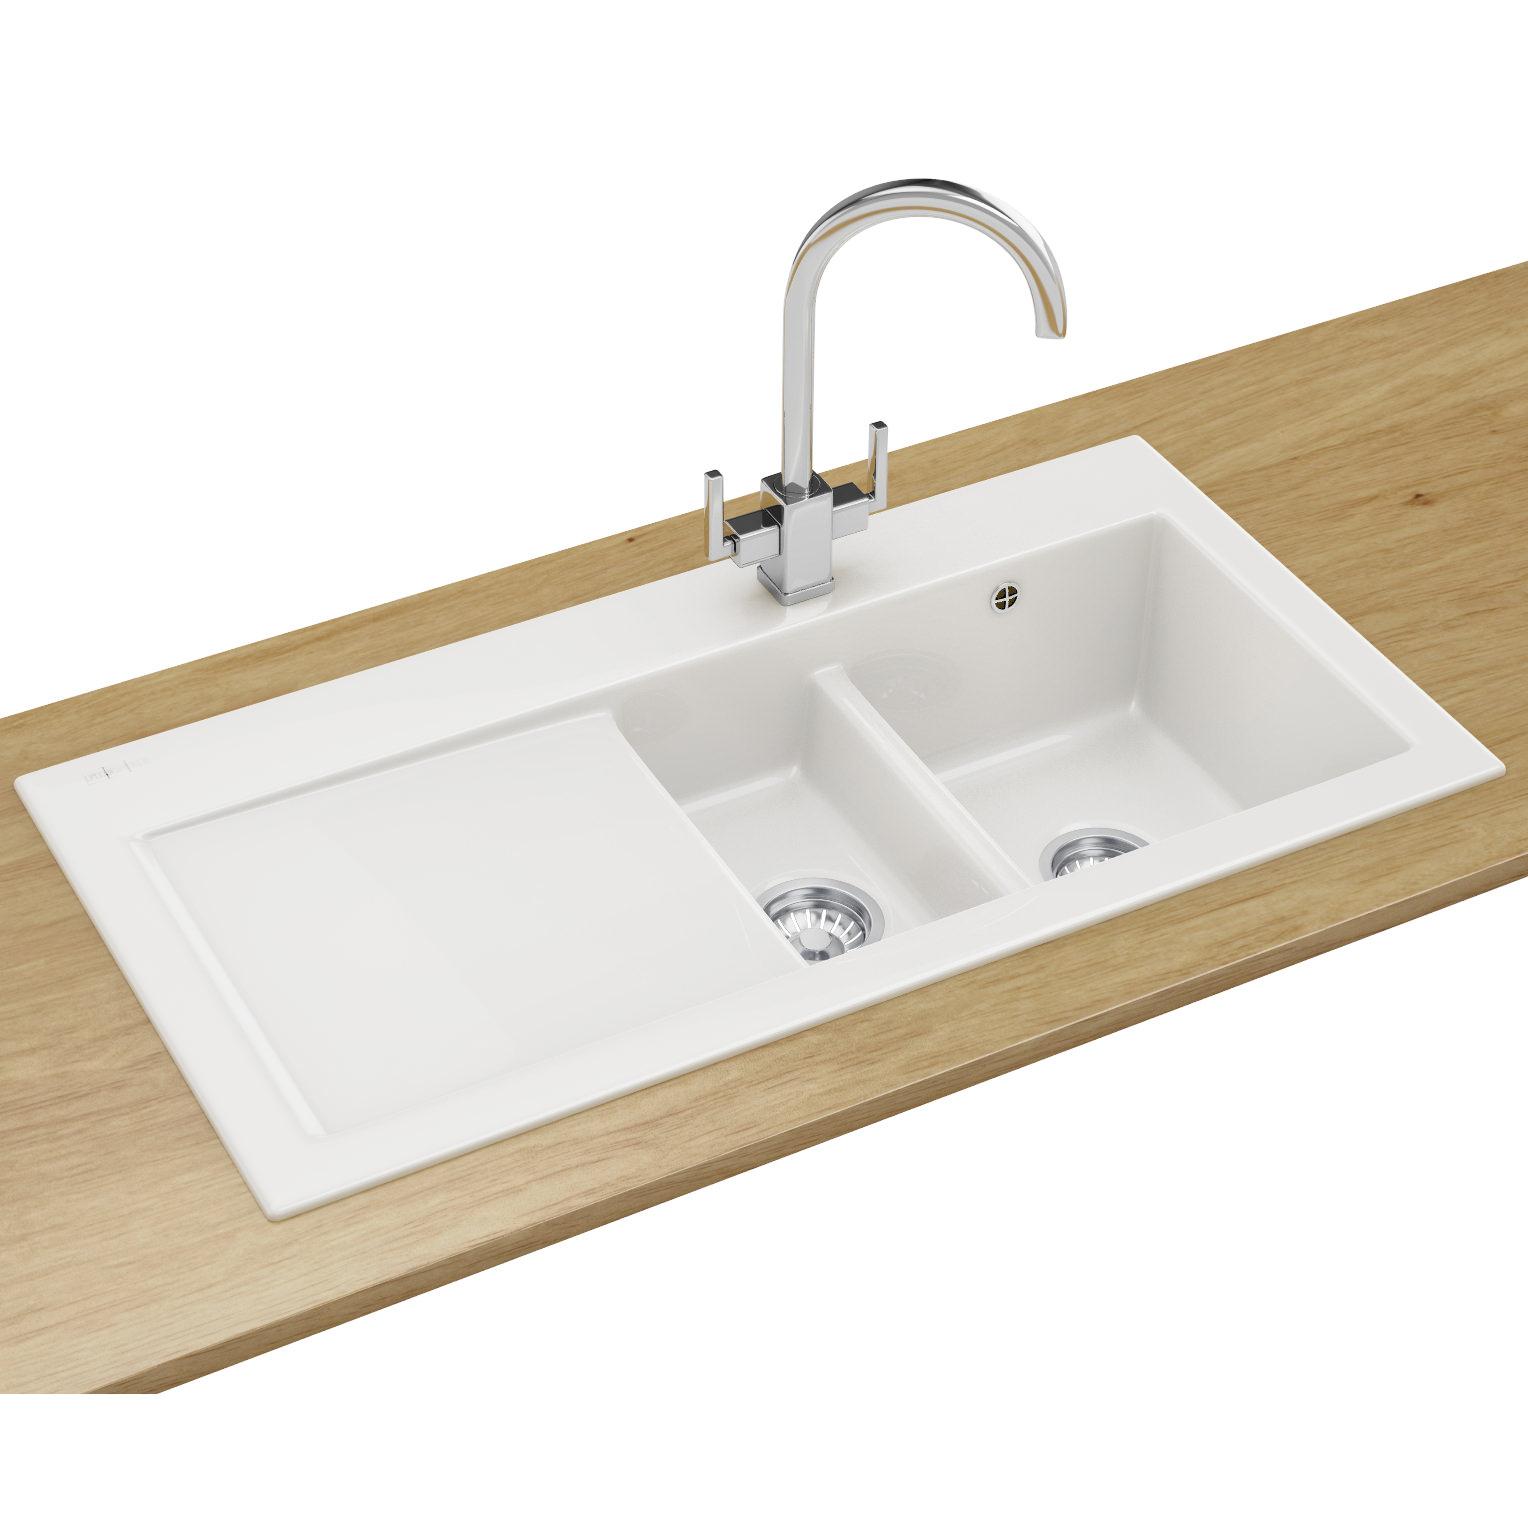 white kitchen sink ikea modern cabinets franke mythos designer pack mtk 651 ceramic and